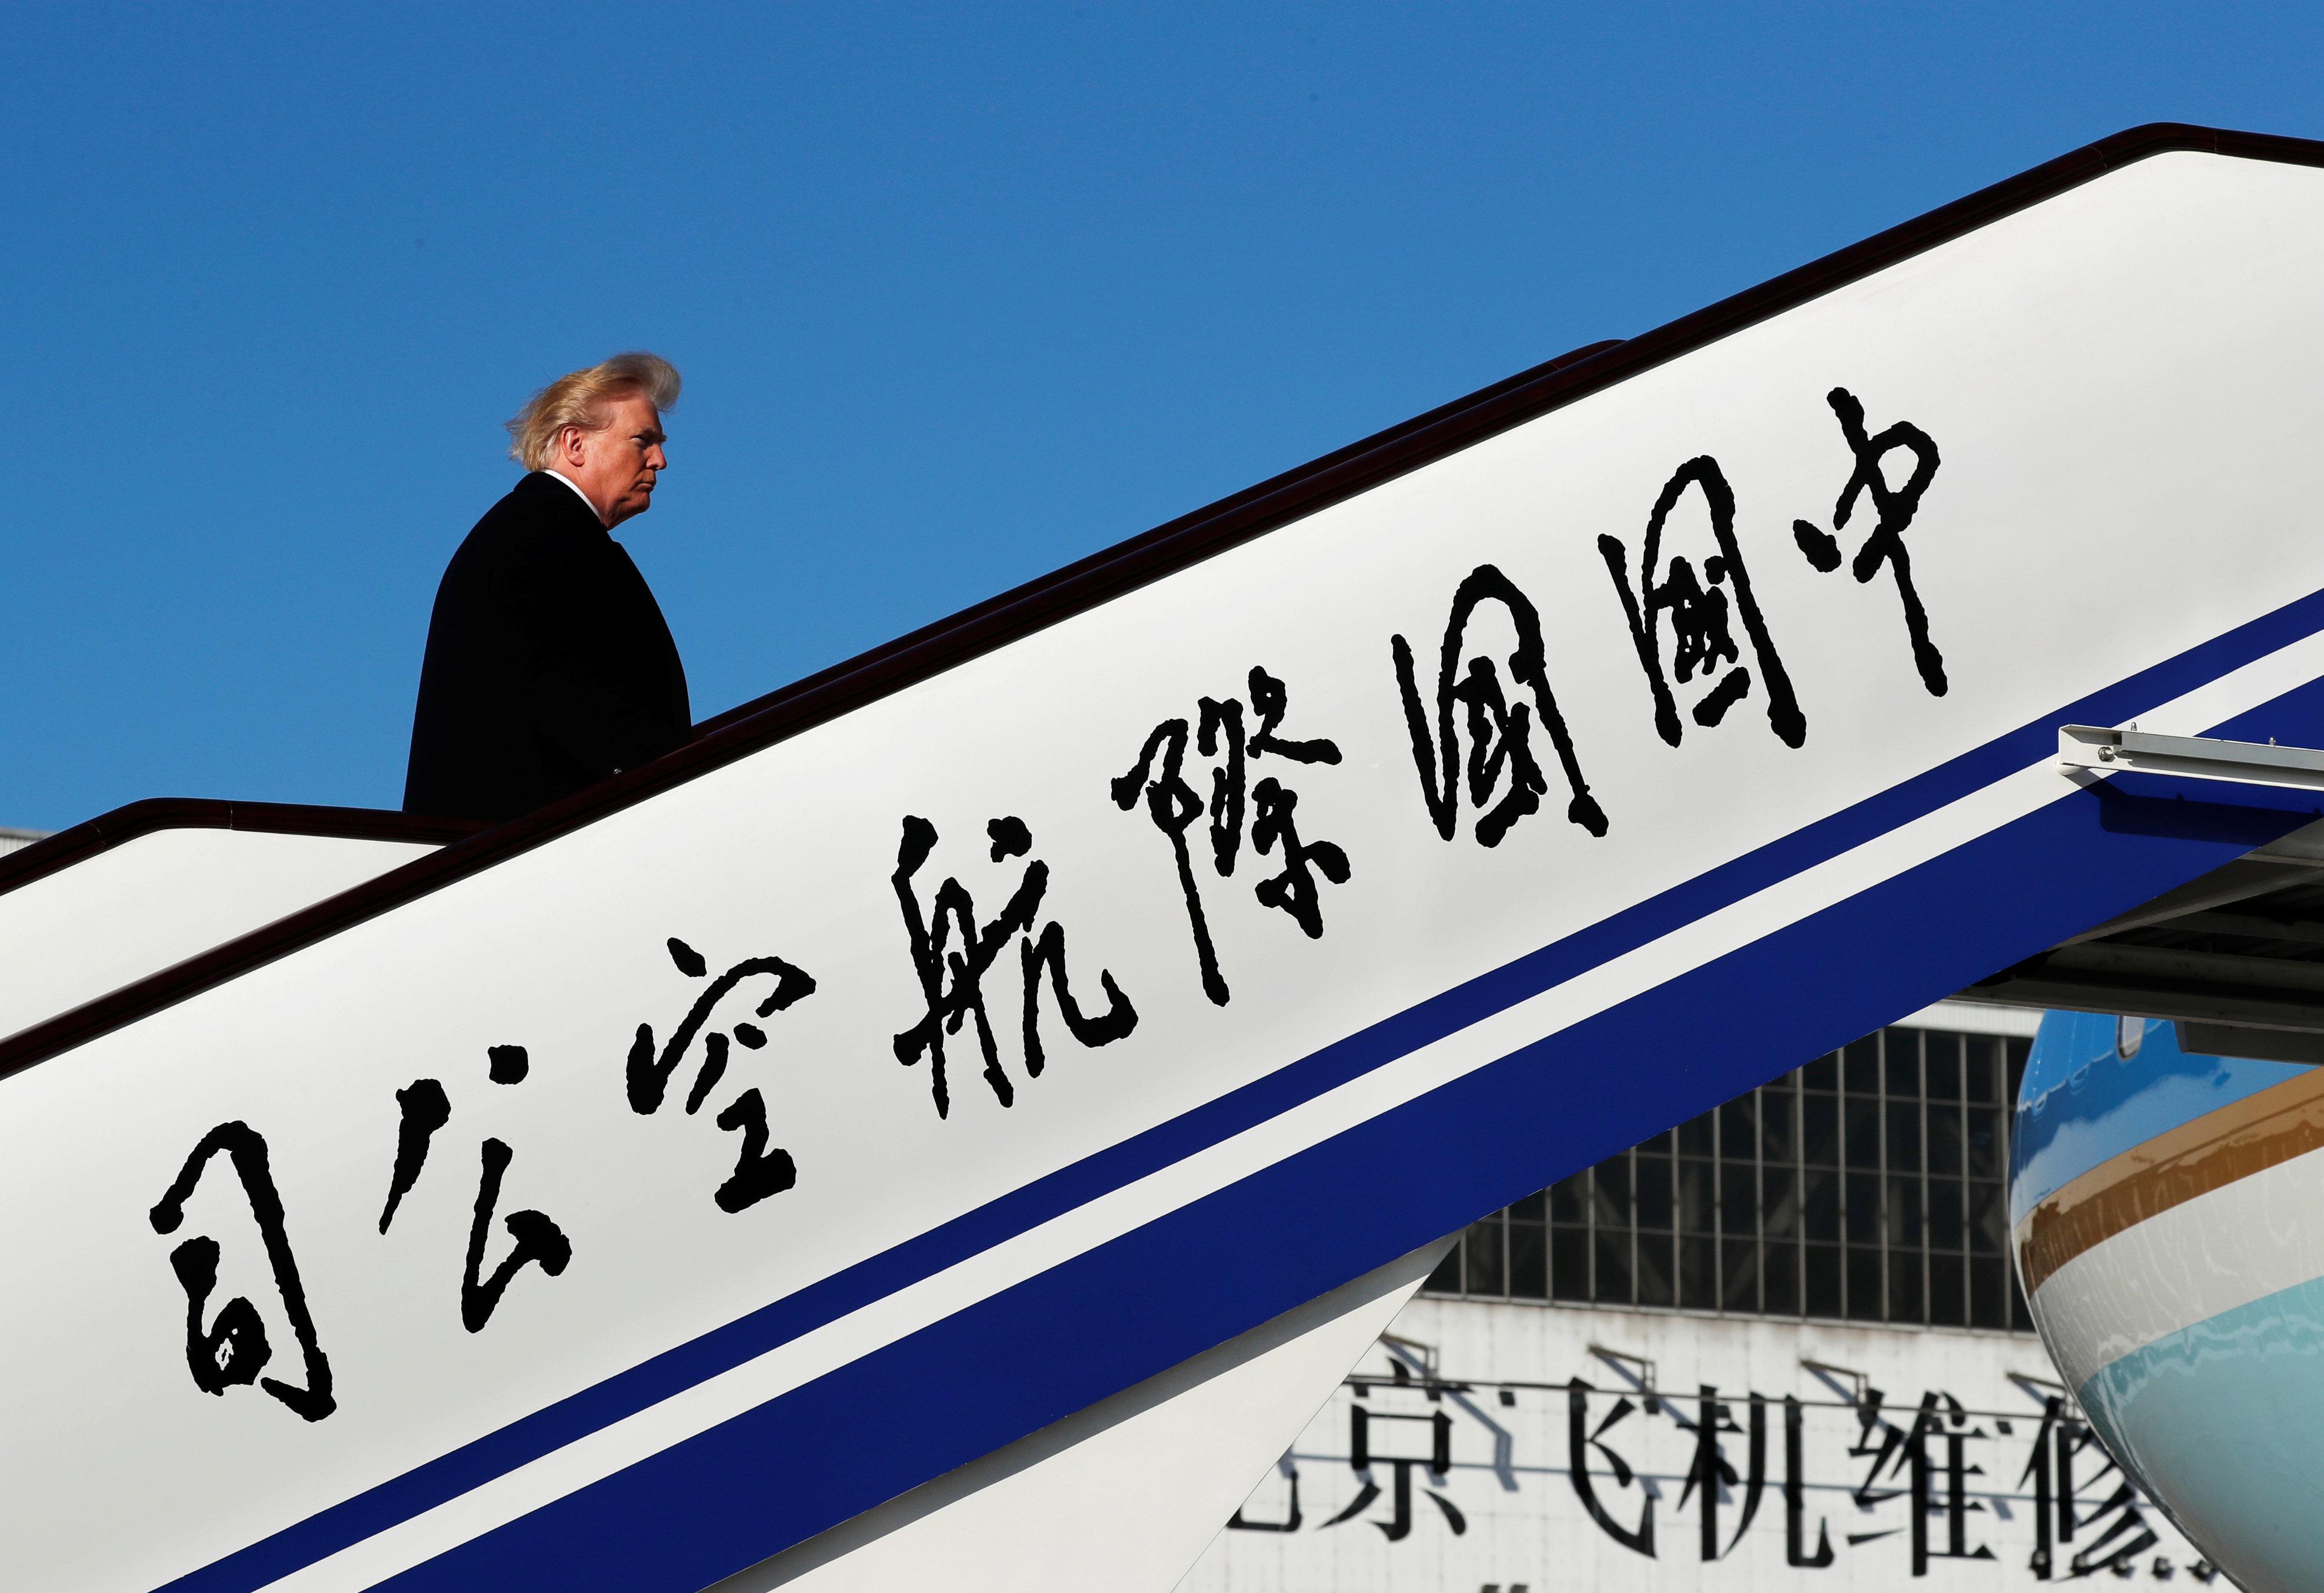 Νέους δασμούς σε εισαγόμενα προϊόντα από την Κίνα ανακοινώνει ο Τραμπ. Στα 50δισεκ. δολάρια η συνολική αξία